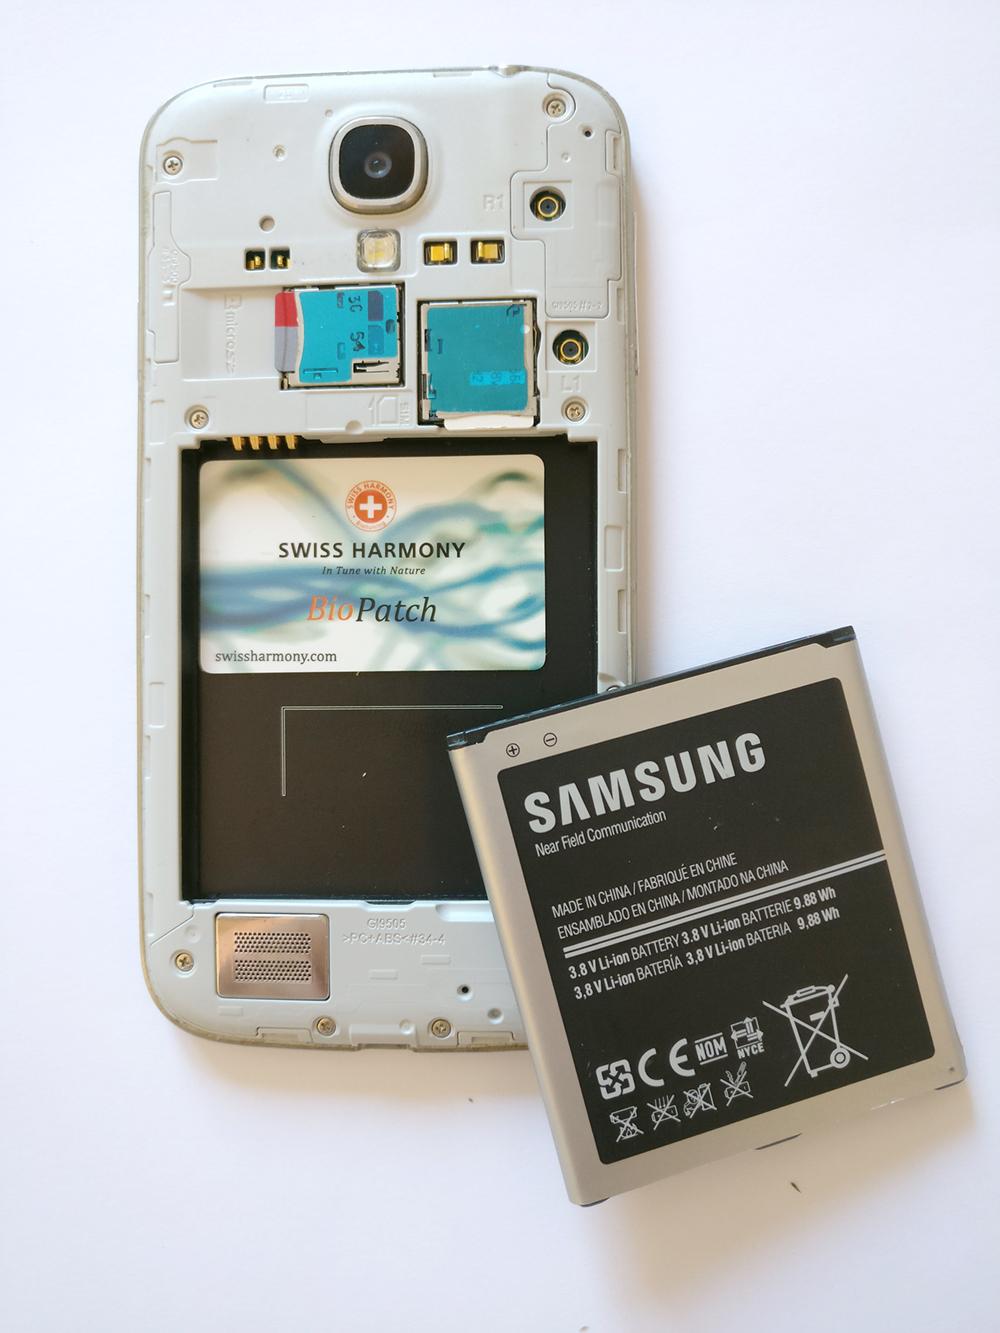 Der BioPatch im geöffneten Smartphone unter dem Akku